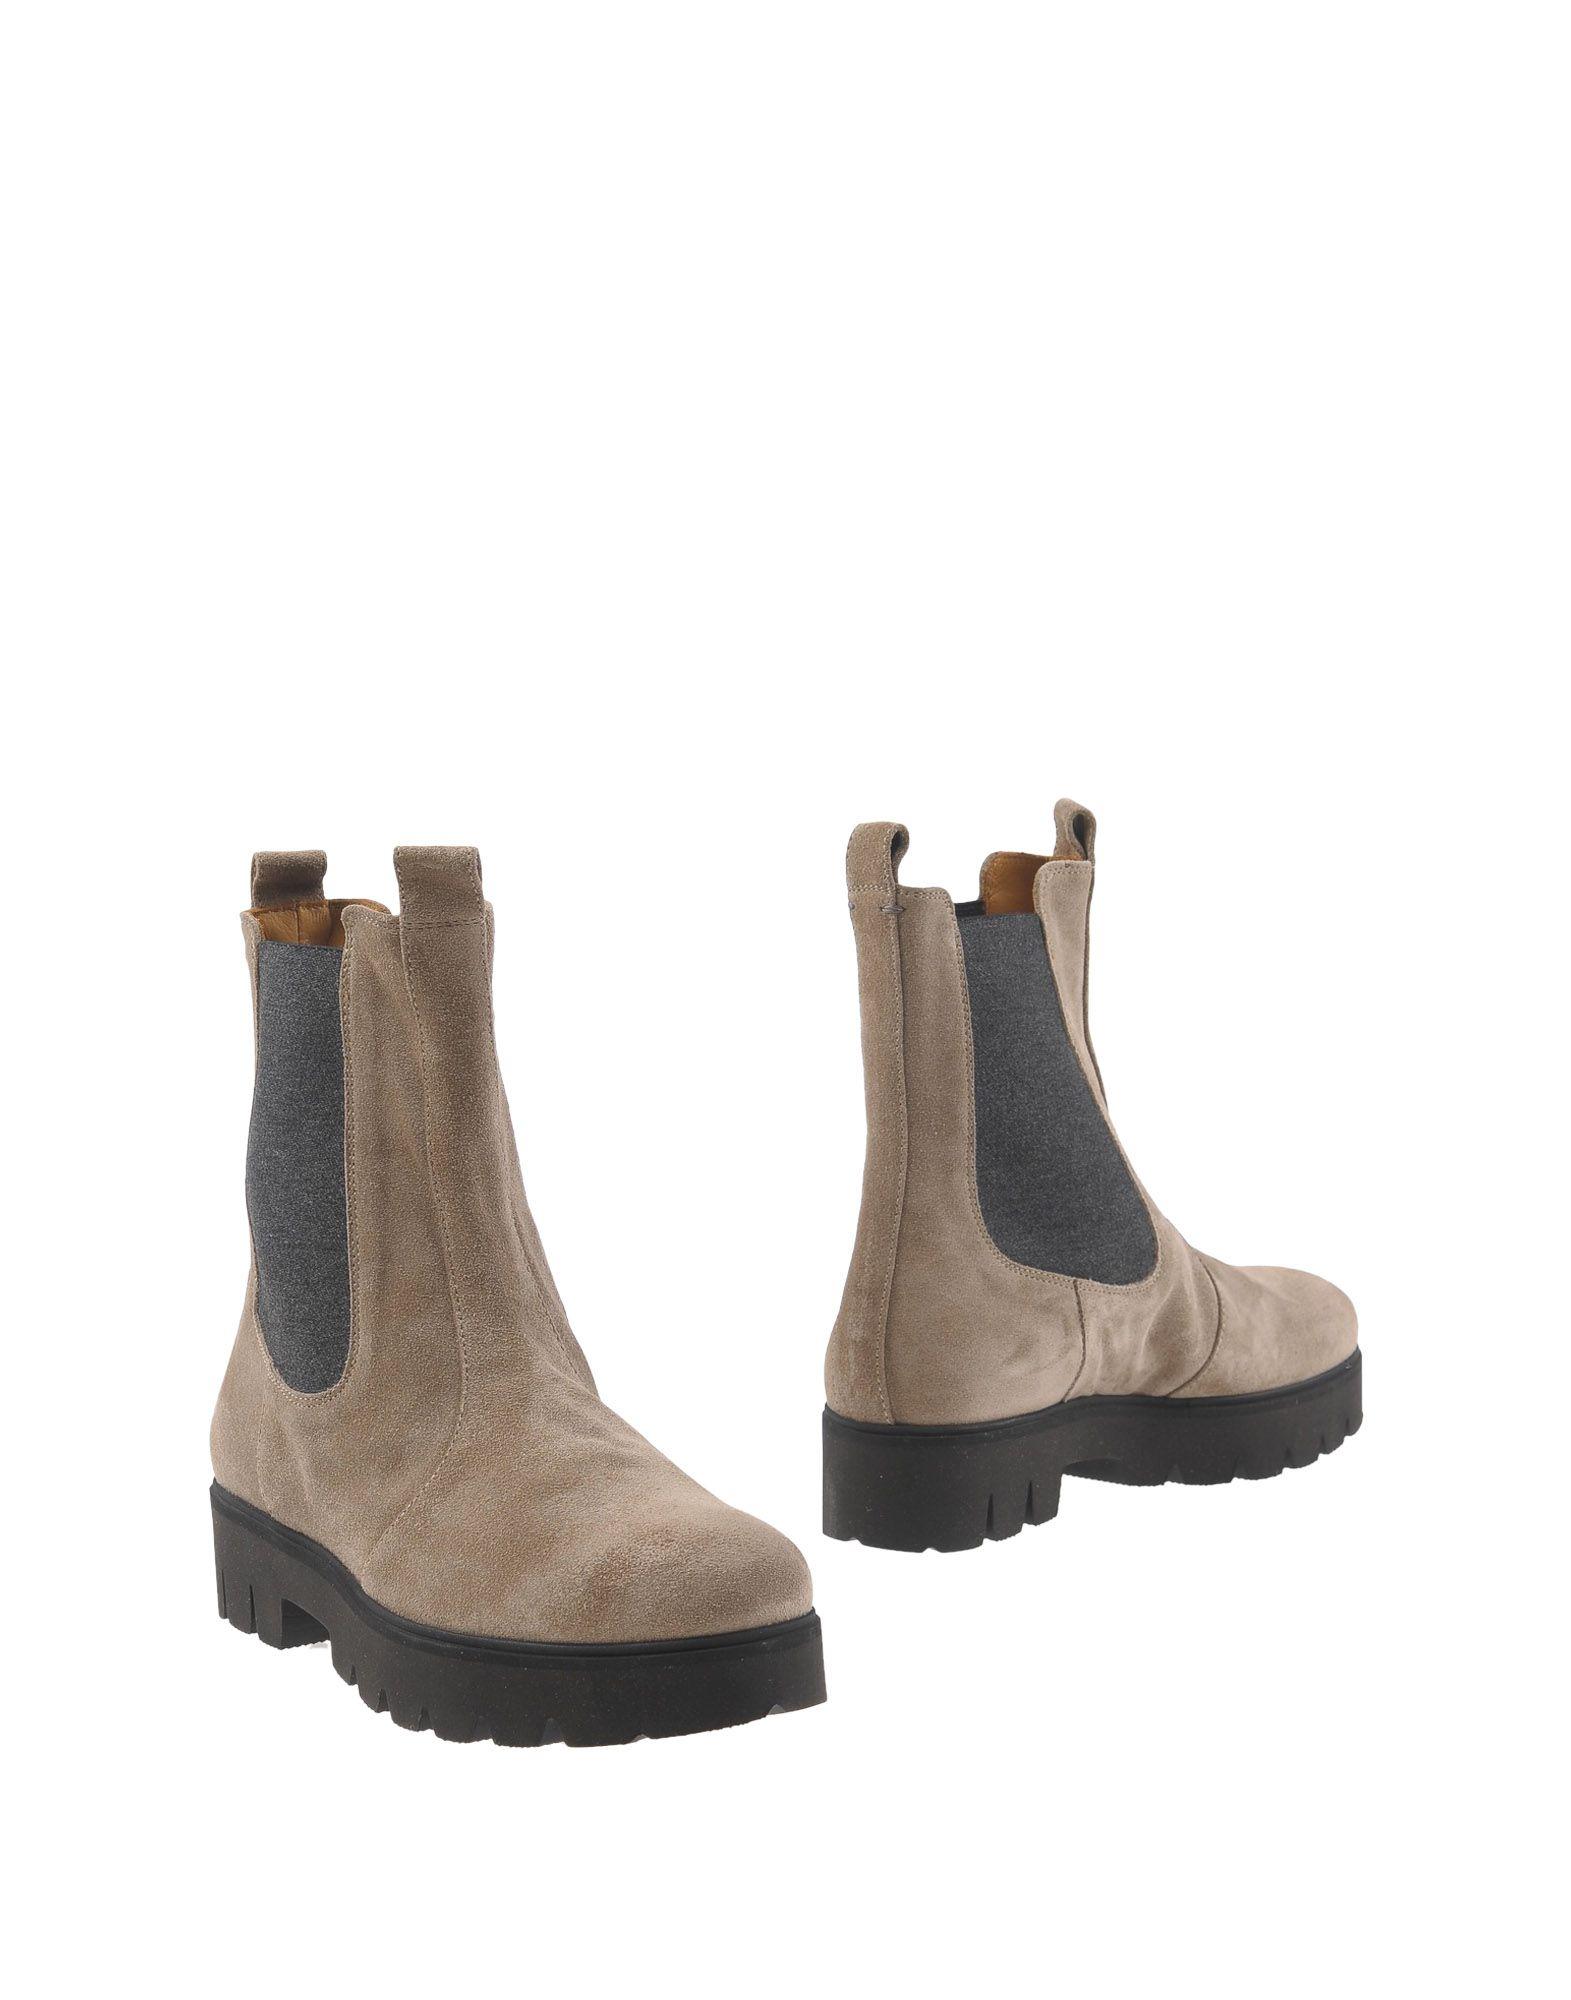 ALBERTO FERMANI Полусапоги и высокие ботинки купить футбольную форму челси торрес